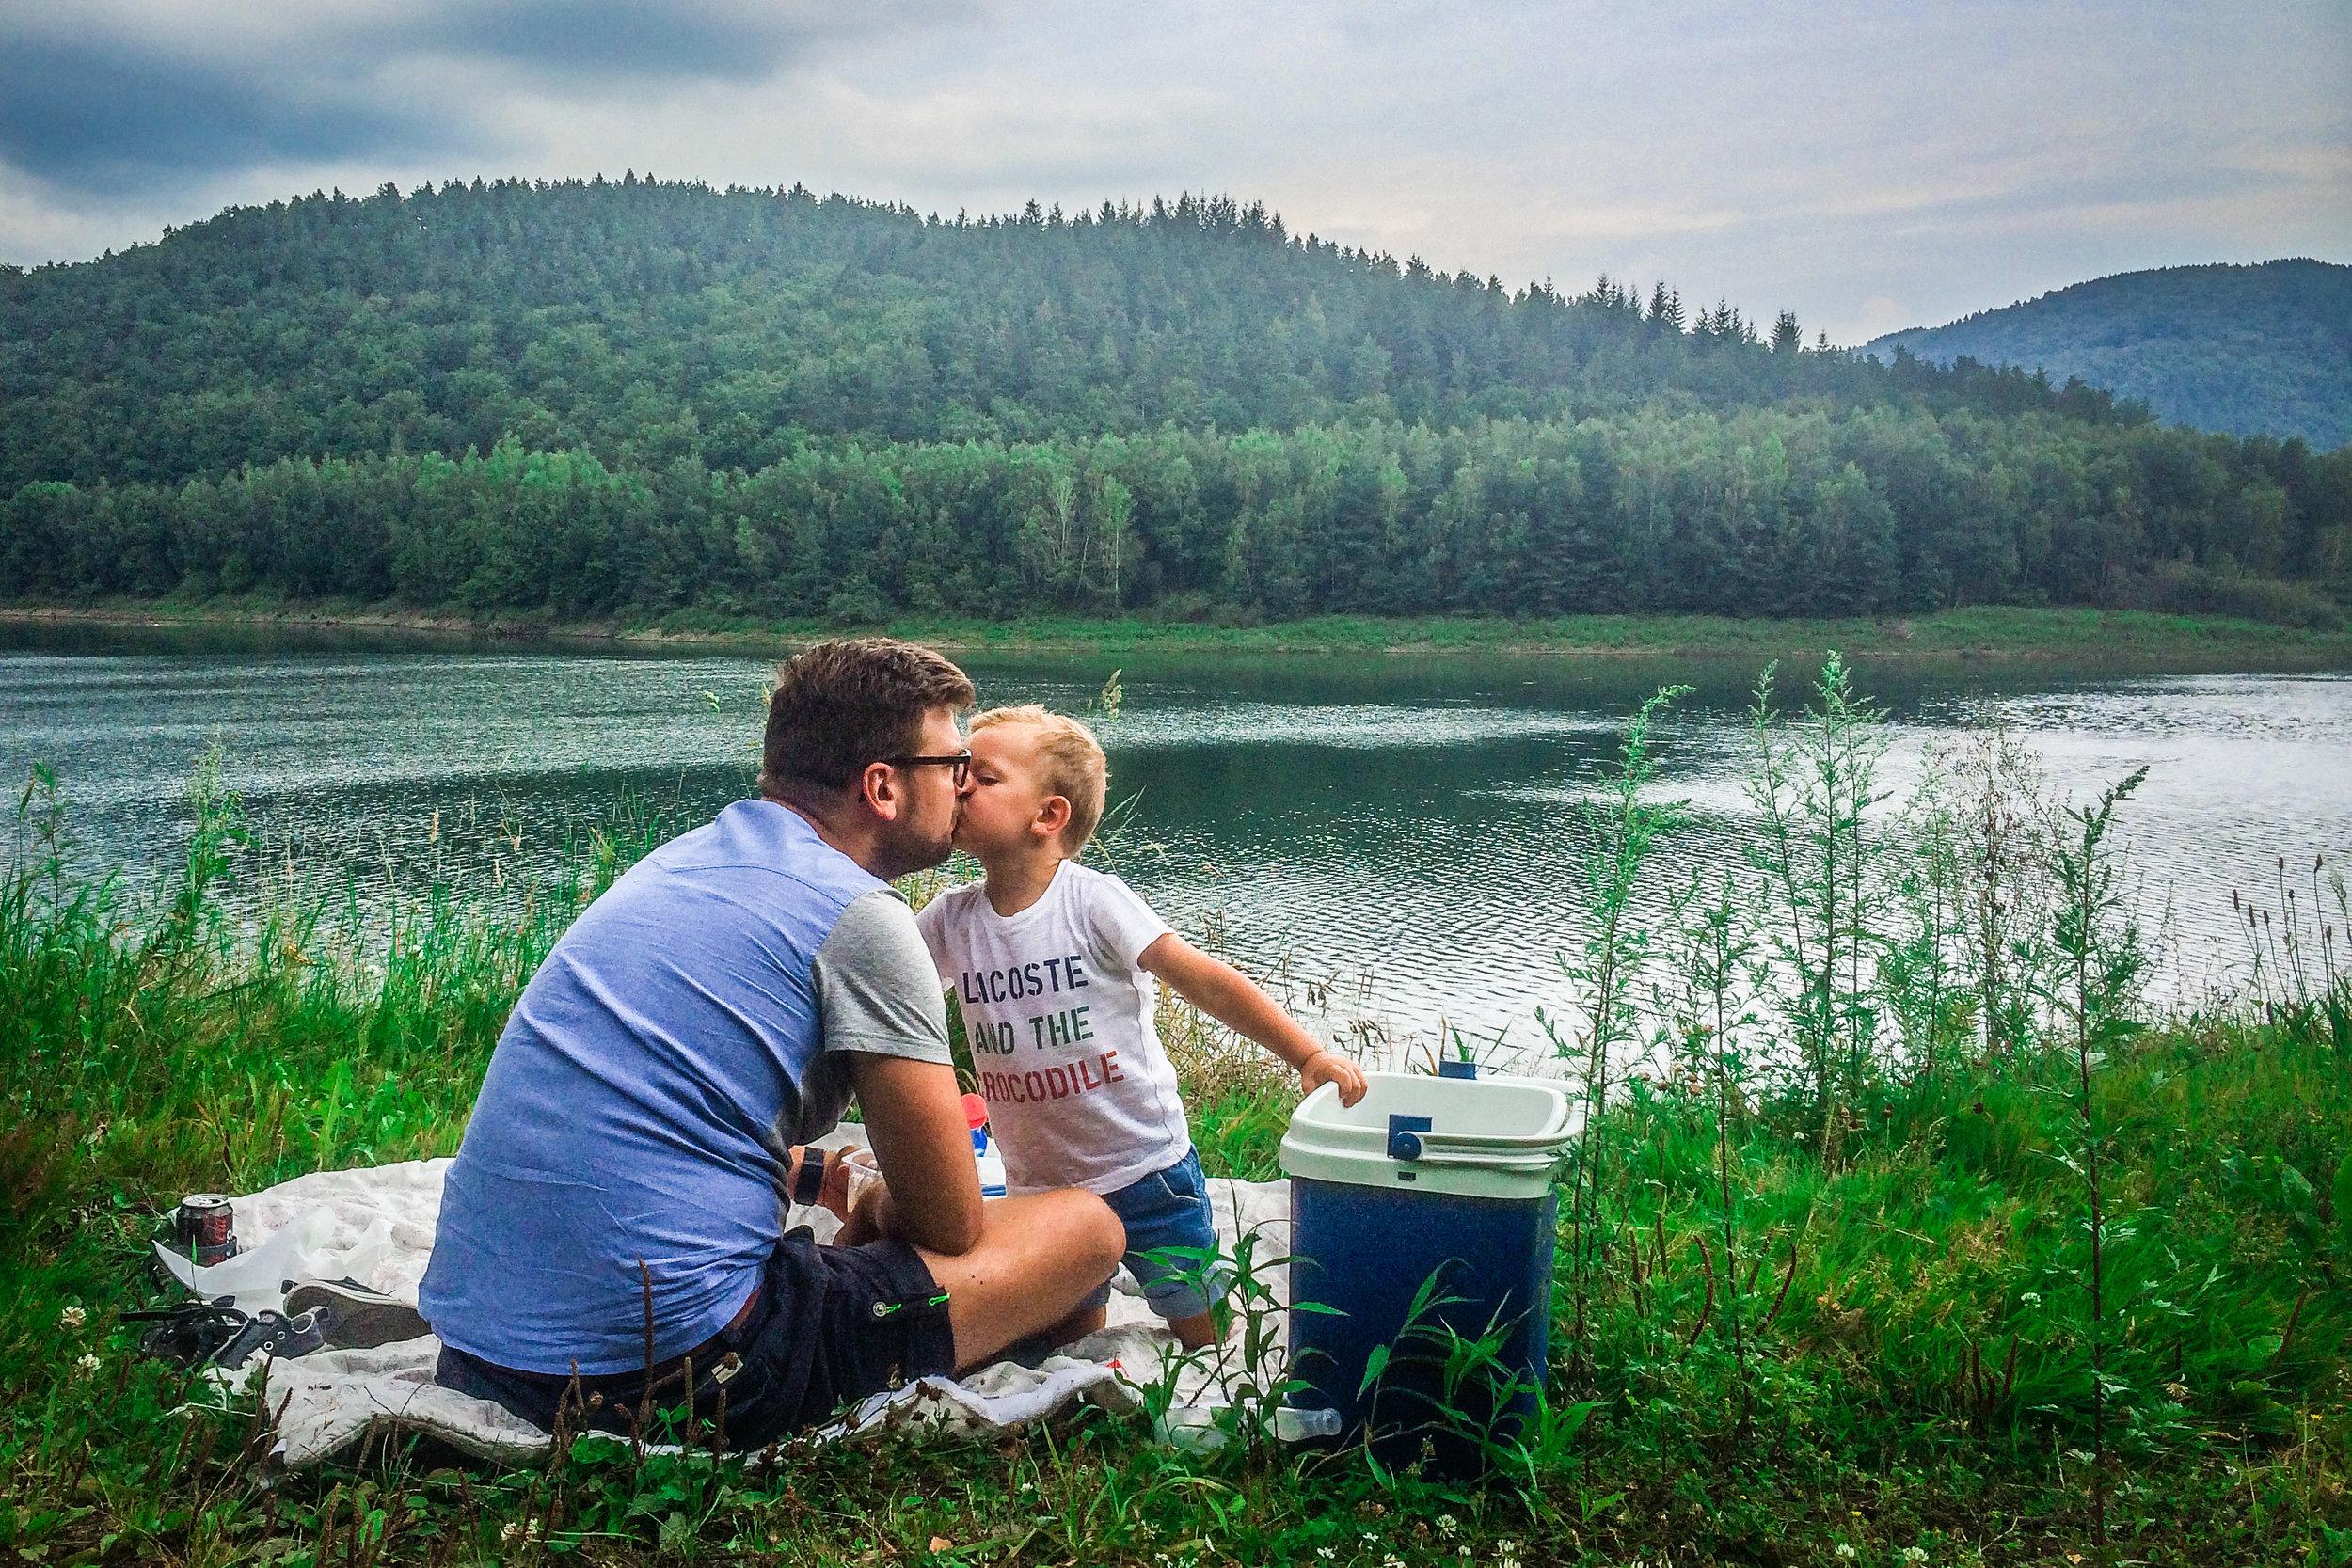 picknick langs de weg - Picknick meer